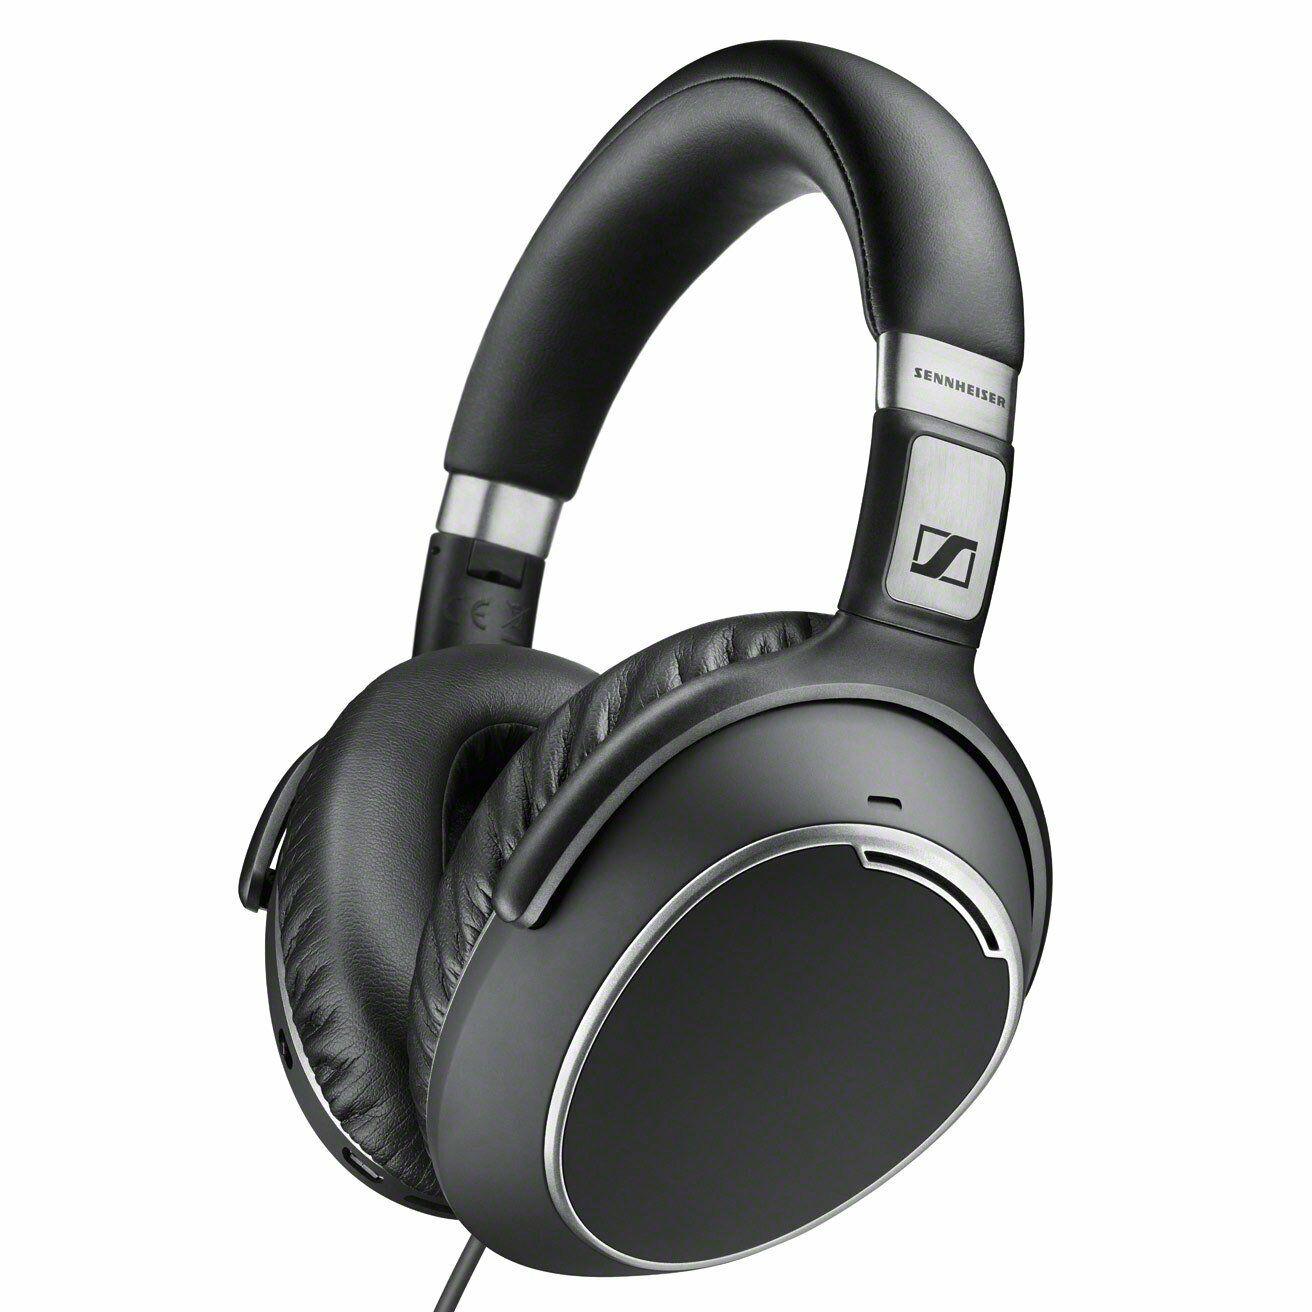 Sennheiser PXC 480 aktív zajszűrős fejhallgató - Fejhallgatópláza ... a247621e17